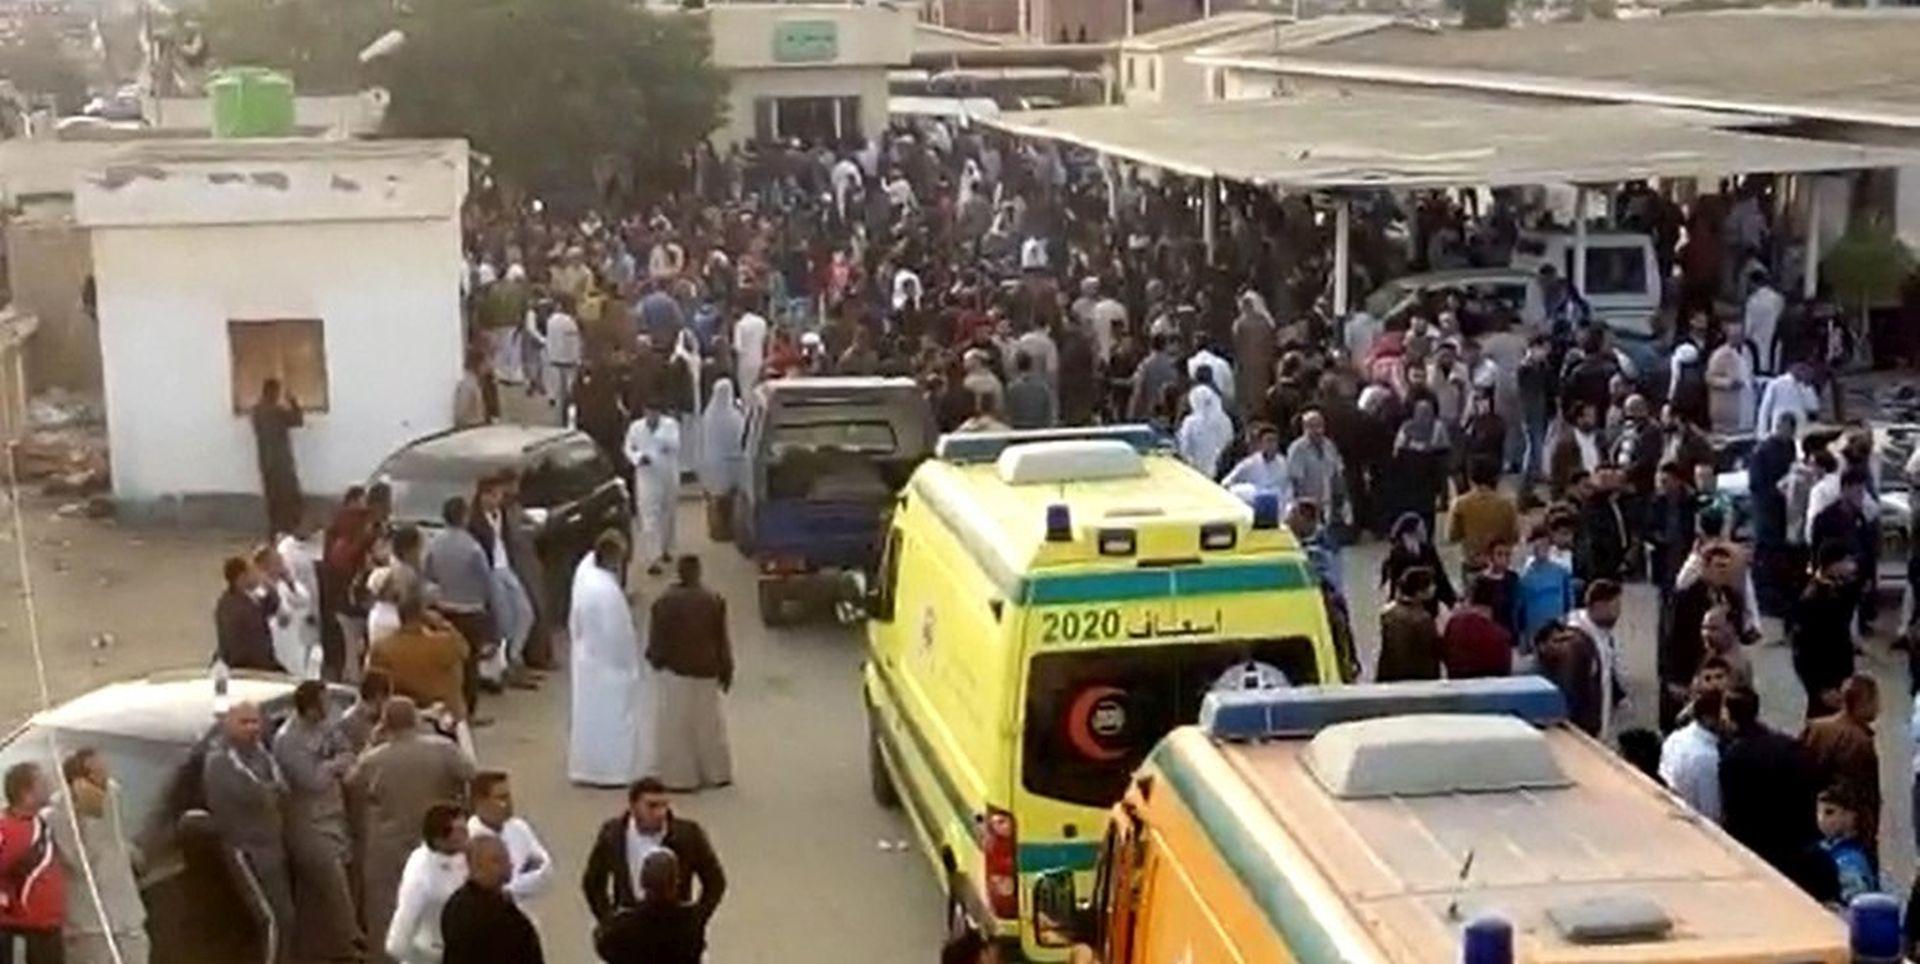 TERORIZAM NA SINAJU Broj žrtava narastao na 305, 128 ozlijeđenih